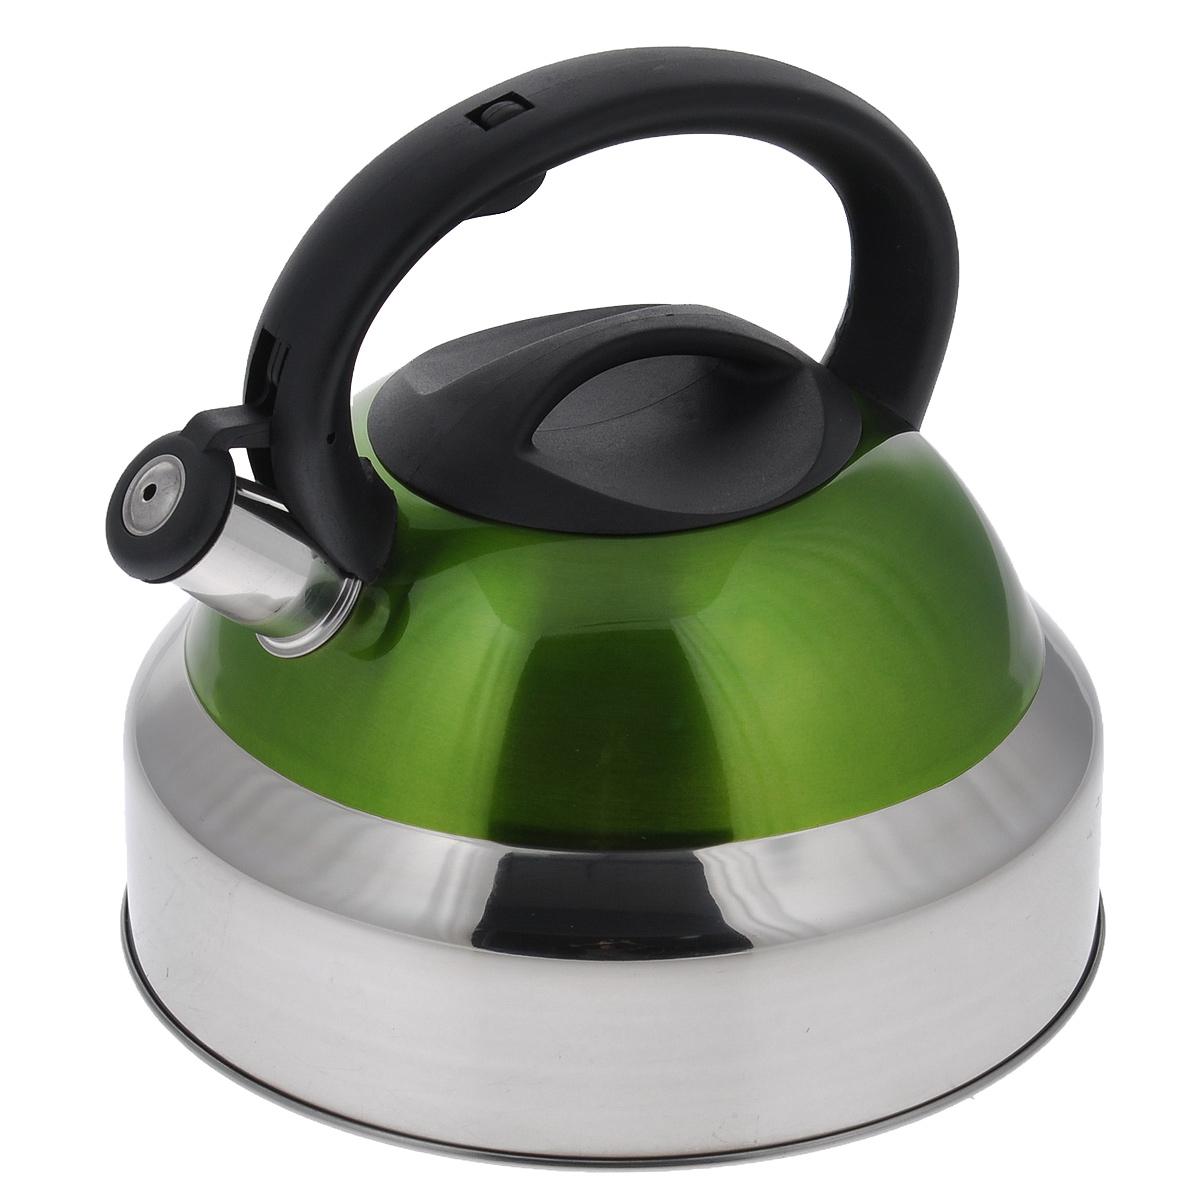 Чайник Bekker De Luxe со свистком, цвет: зеленый, 5 л. BK-S578115510Чайник Bekker De Luxe выполнен из высококачественной нержавеющей стали, что обеспечивает долговечность использования. Внешнее цветное эмалевое покрытие придает приятный внешний вид. Нейлоновая фиксированная ручка делает использование чайника очень удобным и безопасным. Чайник снабжен свистком и устройством для открывания носика, которое находится на ручке. Изделие оснащено капсулированным дном для лучшего распространения тепла.Не рекомендуется мыть в посудомоечной машине. Пригоден для всех видов плит, включая индукционные.